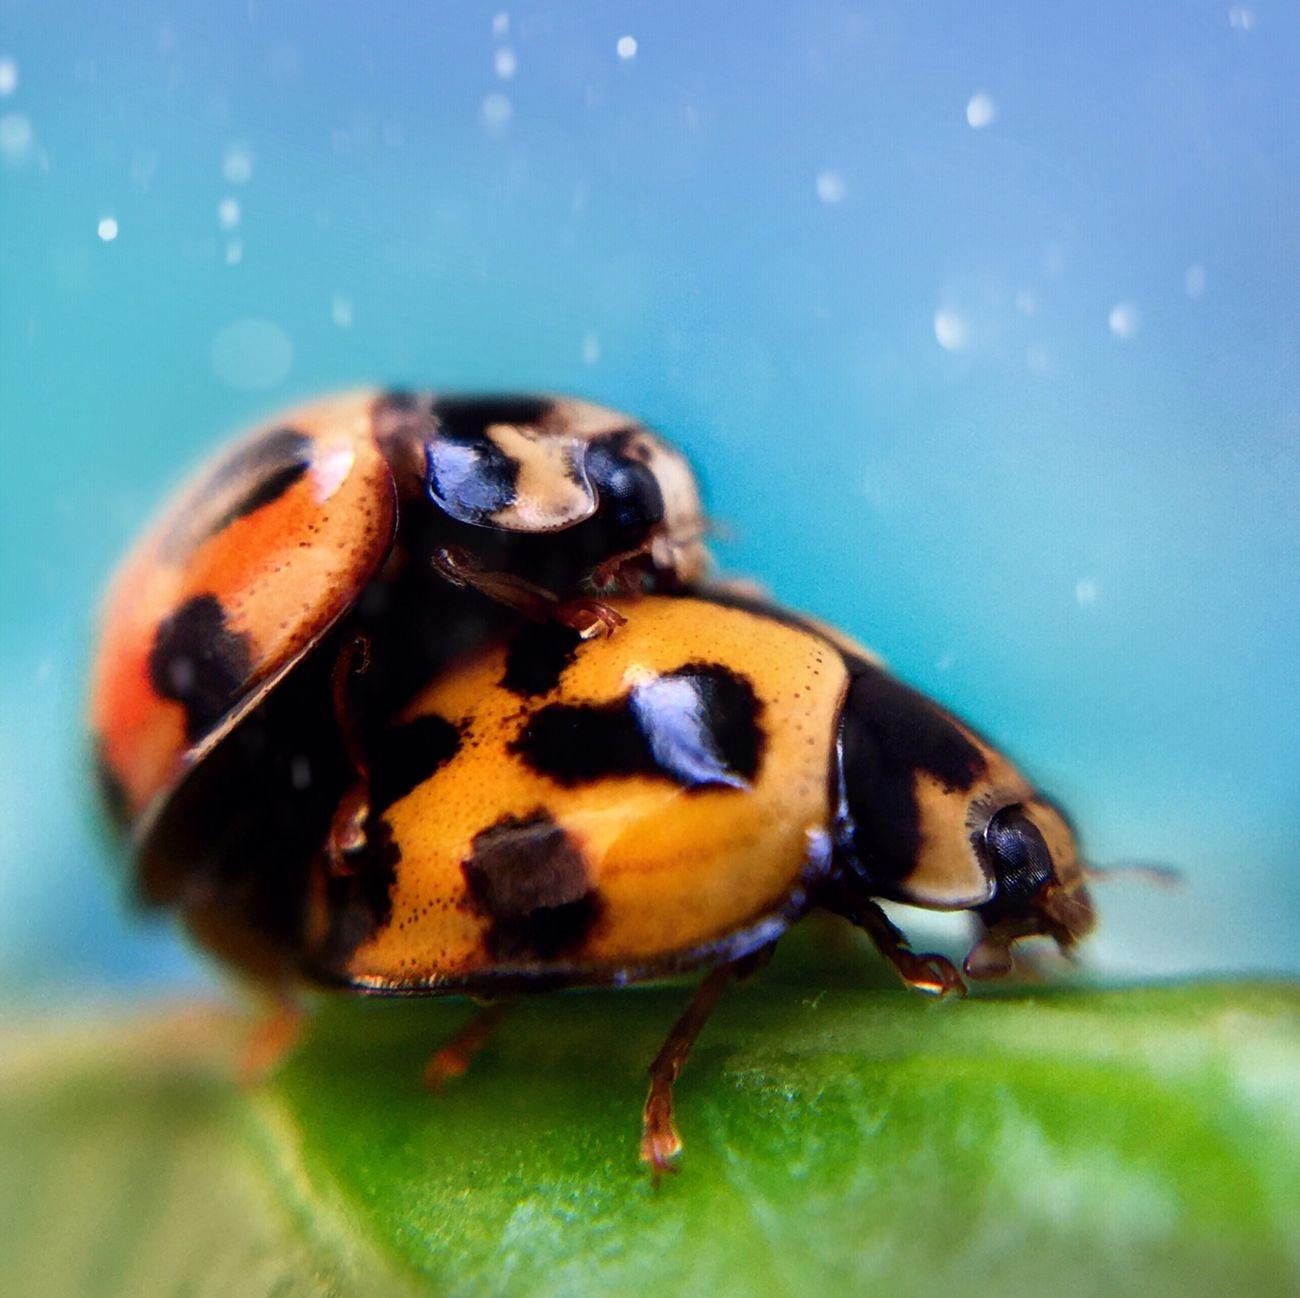 Ladybirds mating. Macro Olloclip Ladybug Ladybird Mating IPS2016Closeup